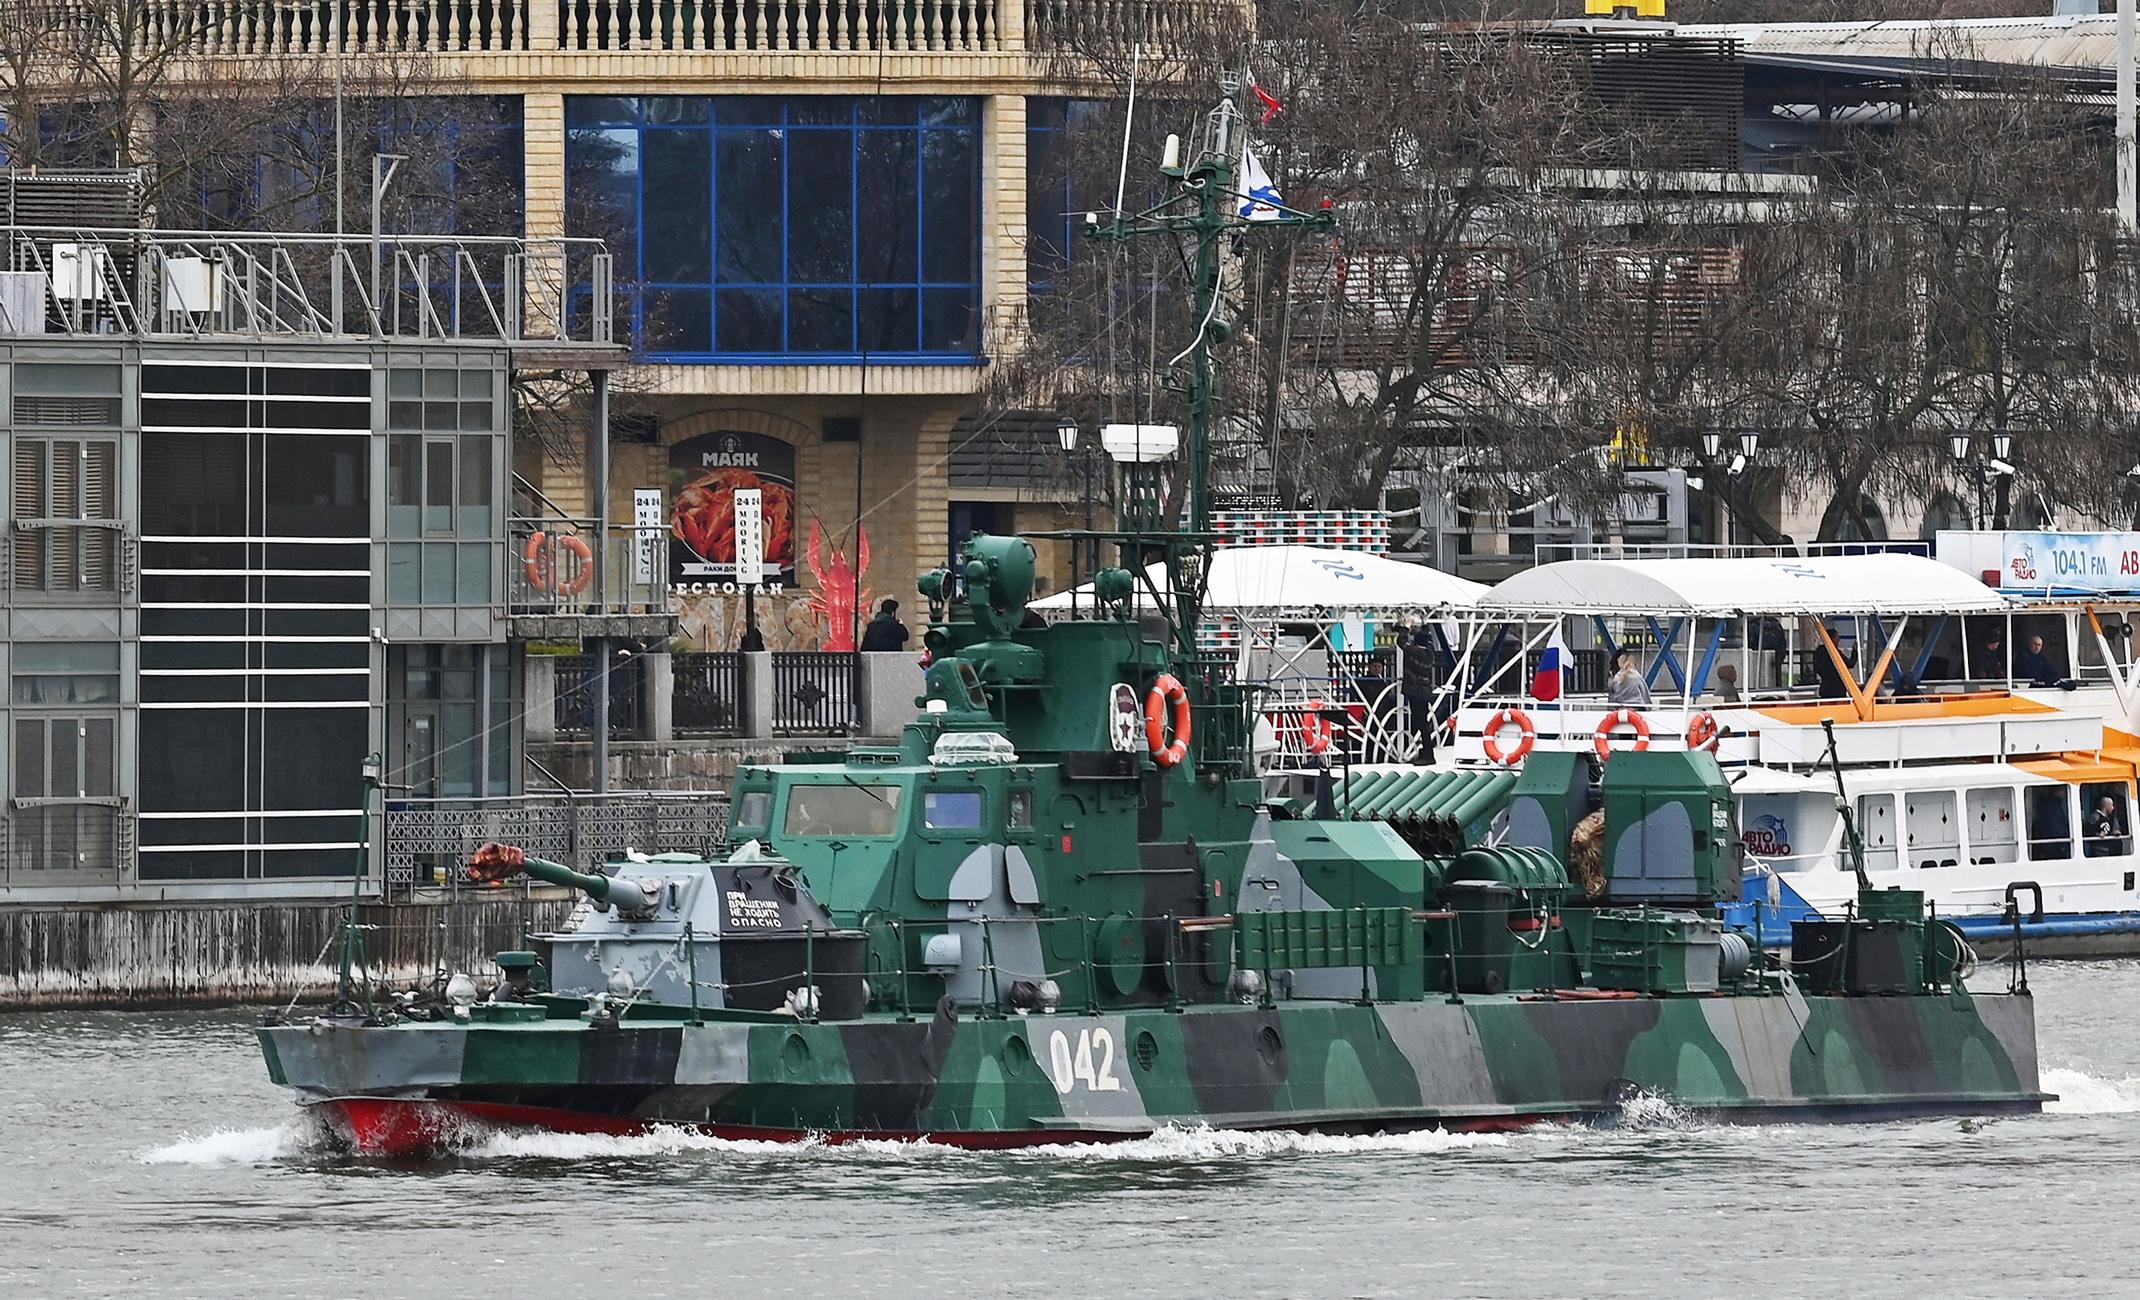 «Πρόβες» πολέμου στη Μαύρη Θάλασσα – Ασκήσεις το ρωσικό ναυτικό, στέλνουν δυο πλοία οι ΗΠΑ